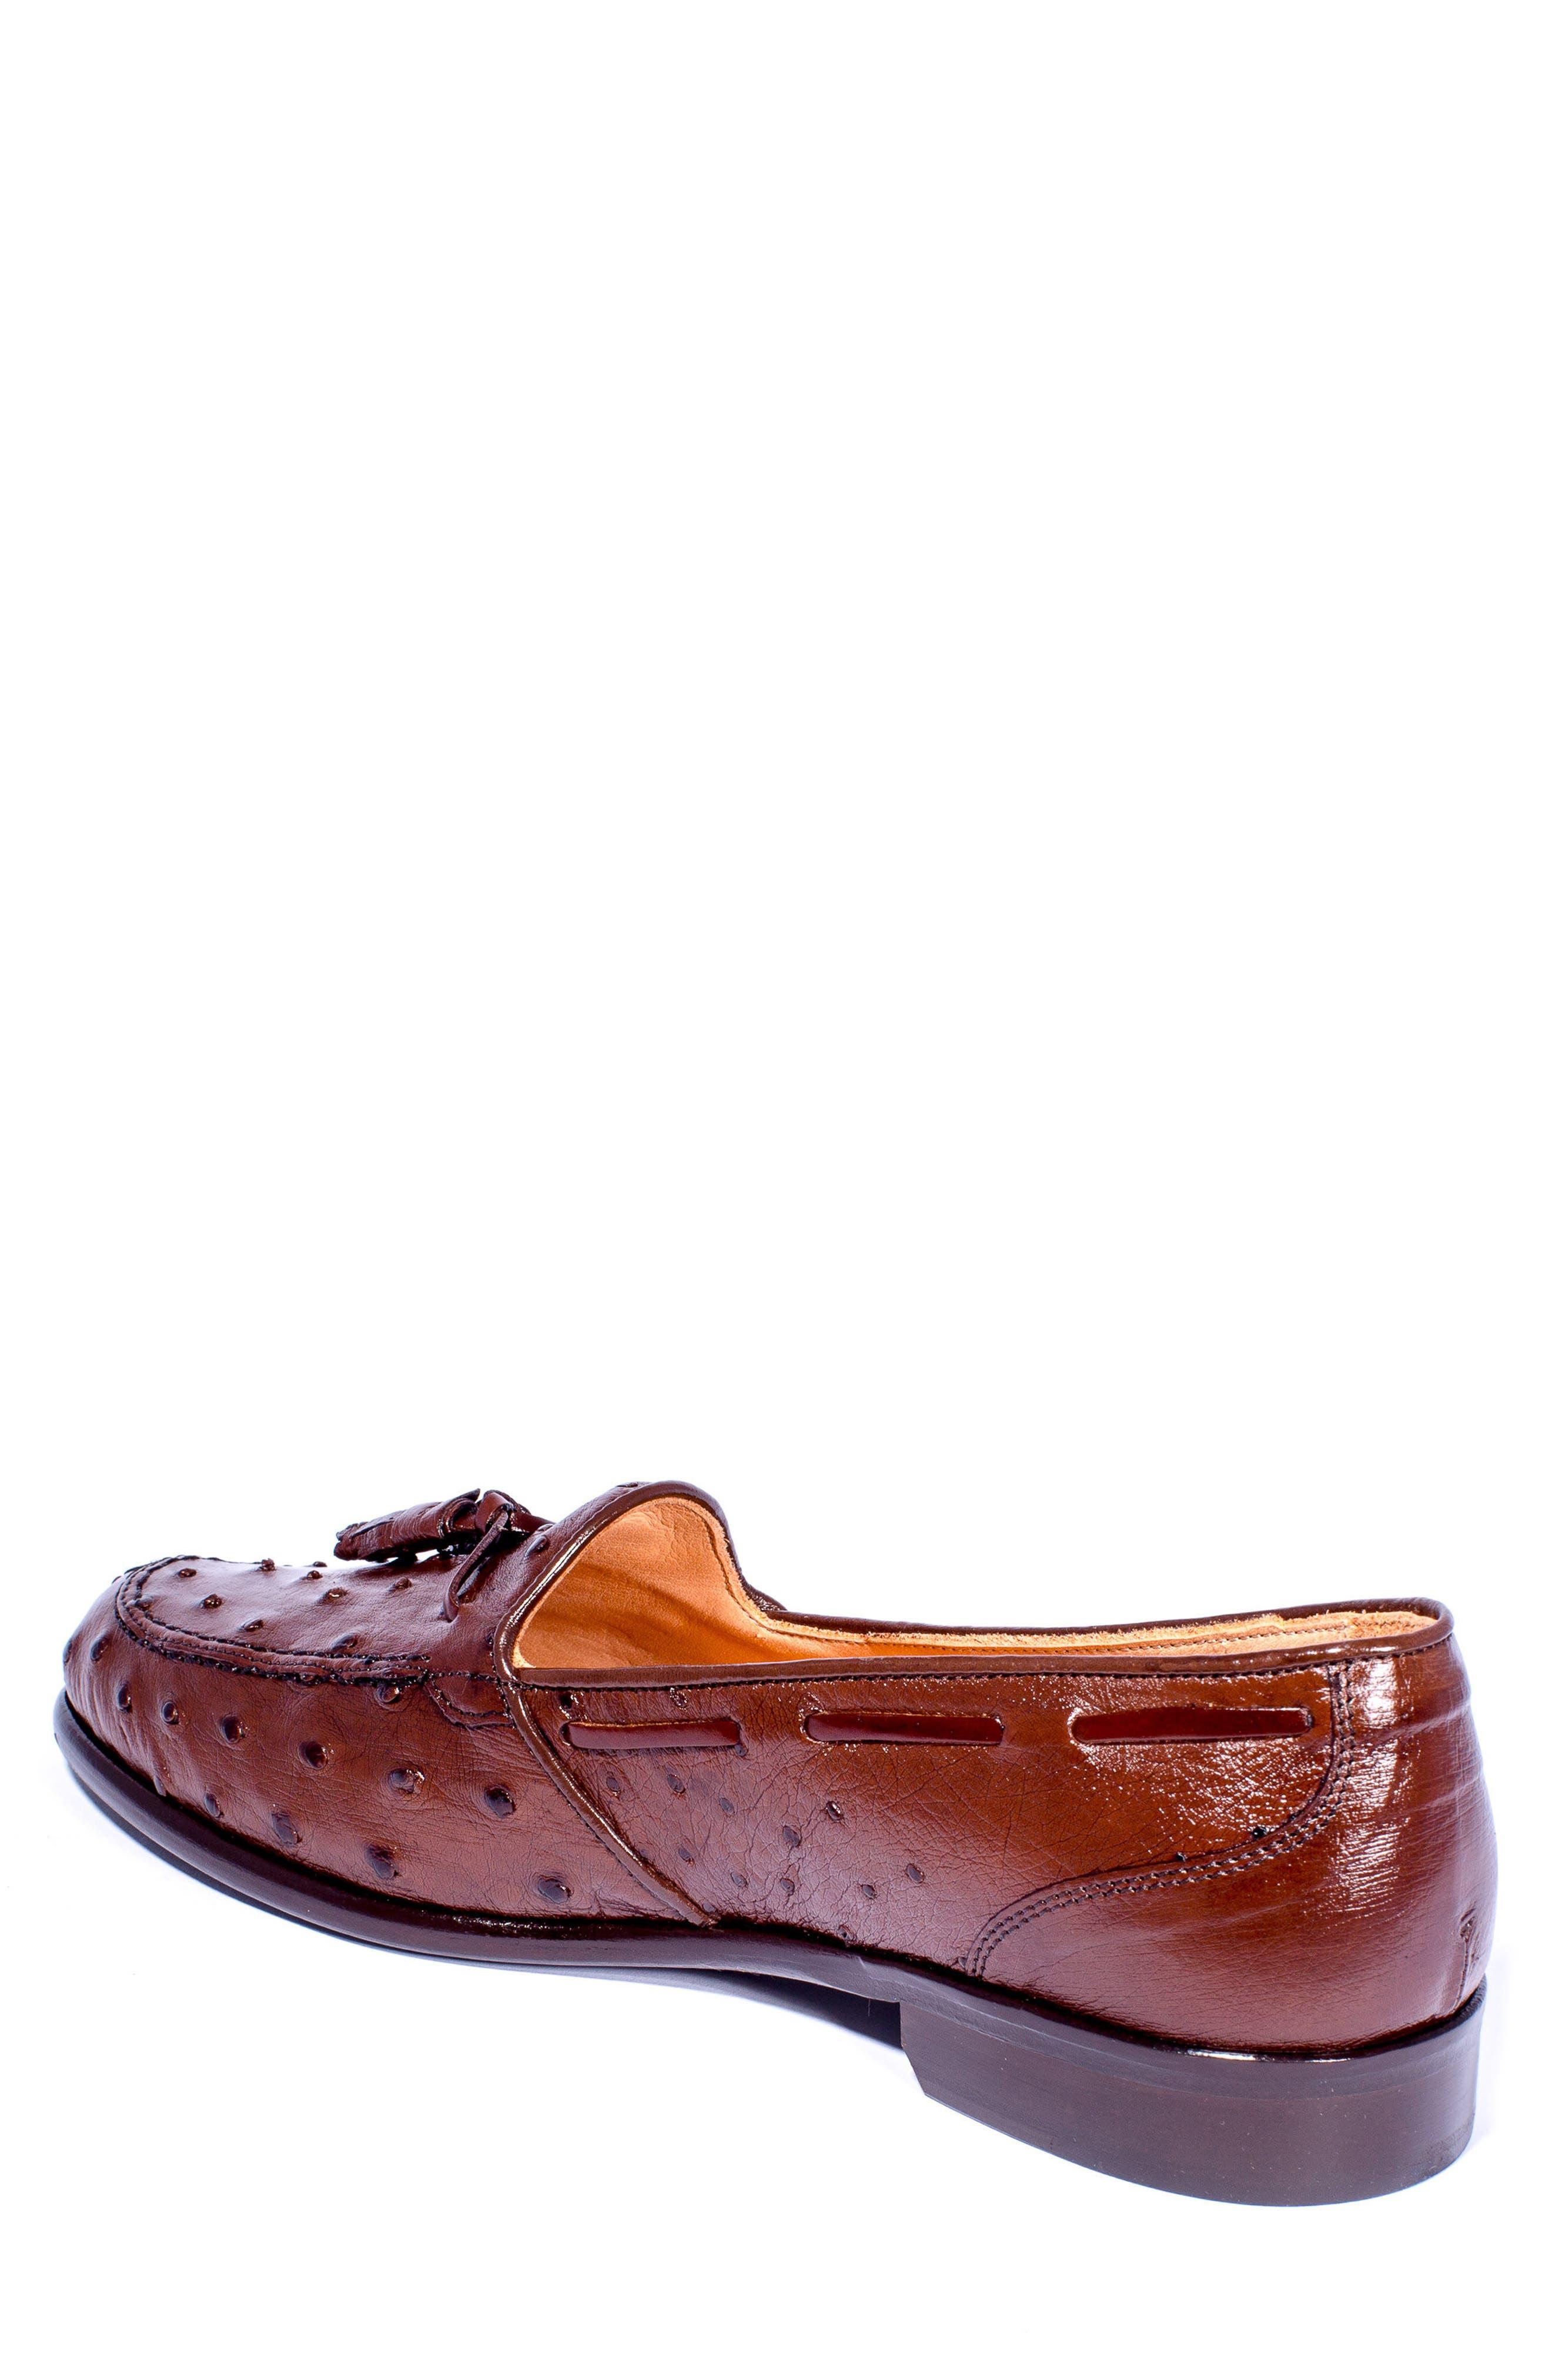 Alternate Image 2  - Zelli Franco Tassel Exotic Leather Loafer (Men)